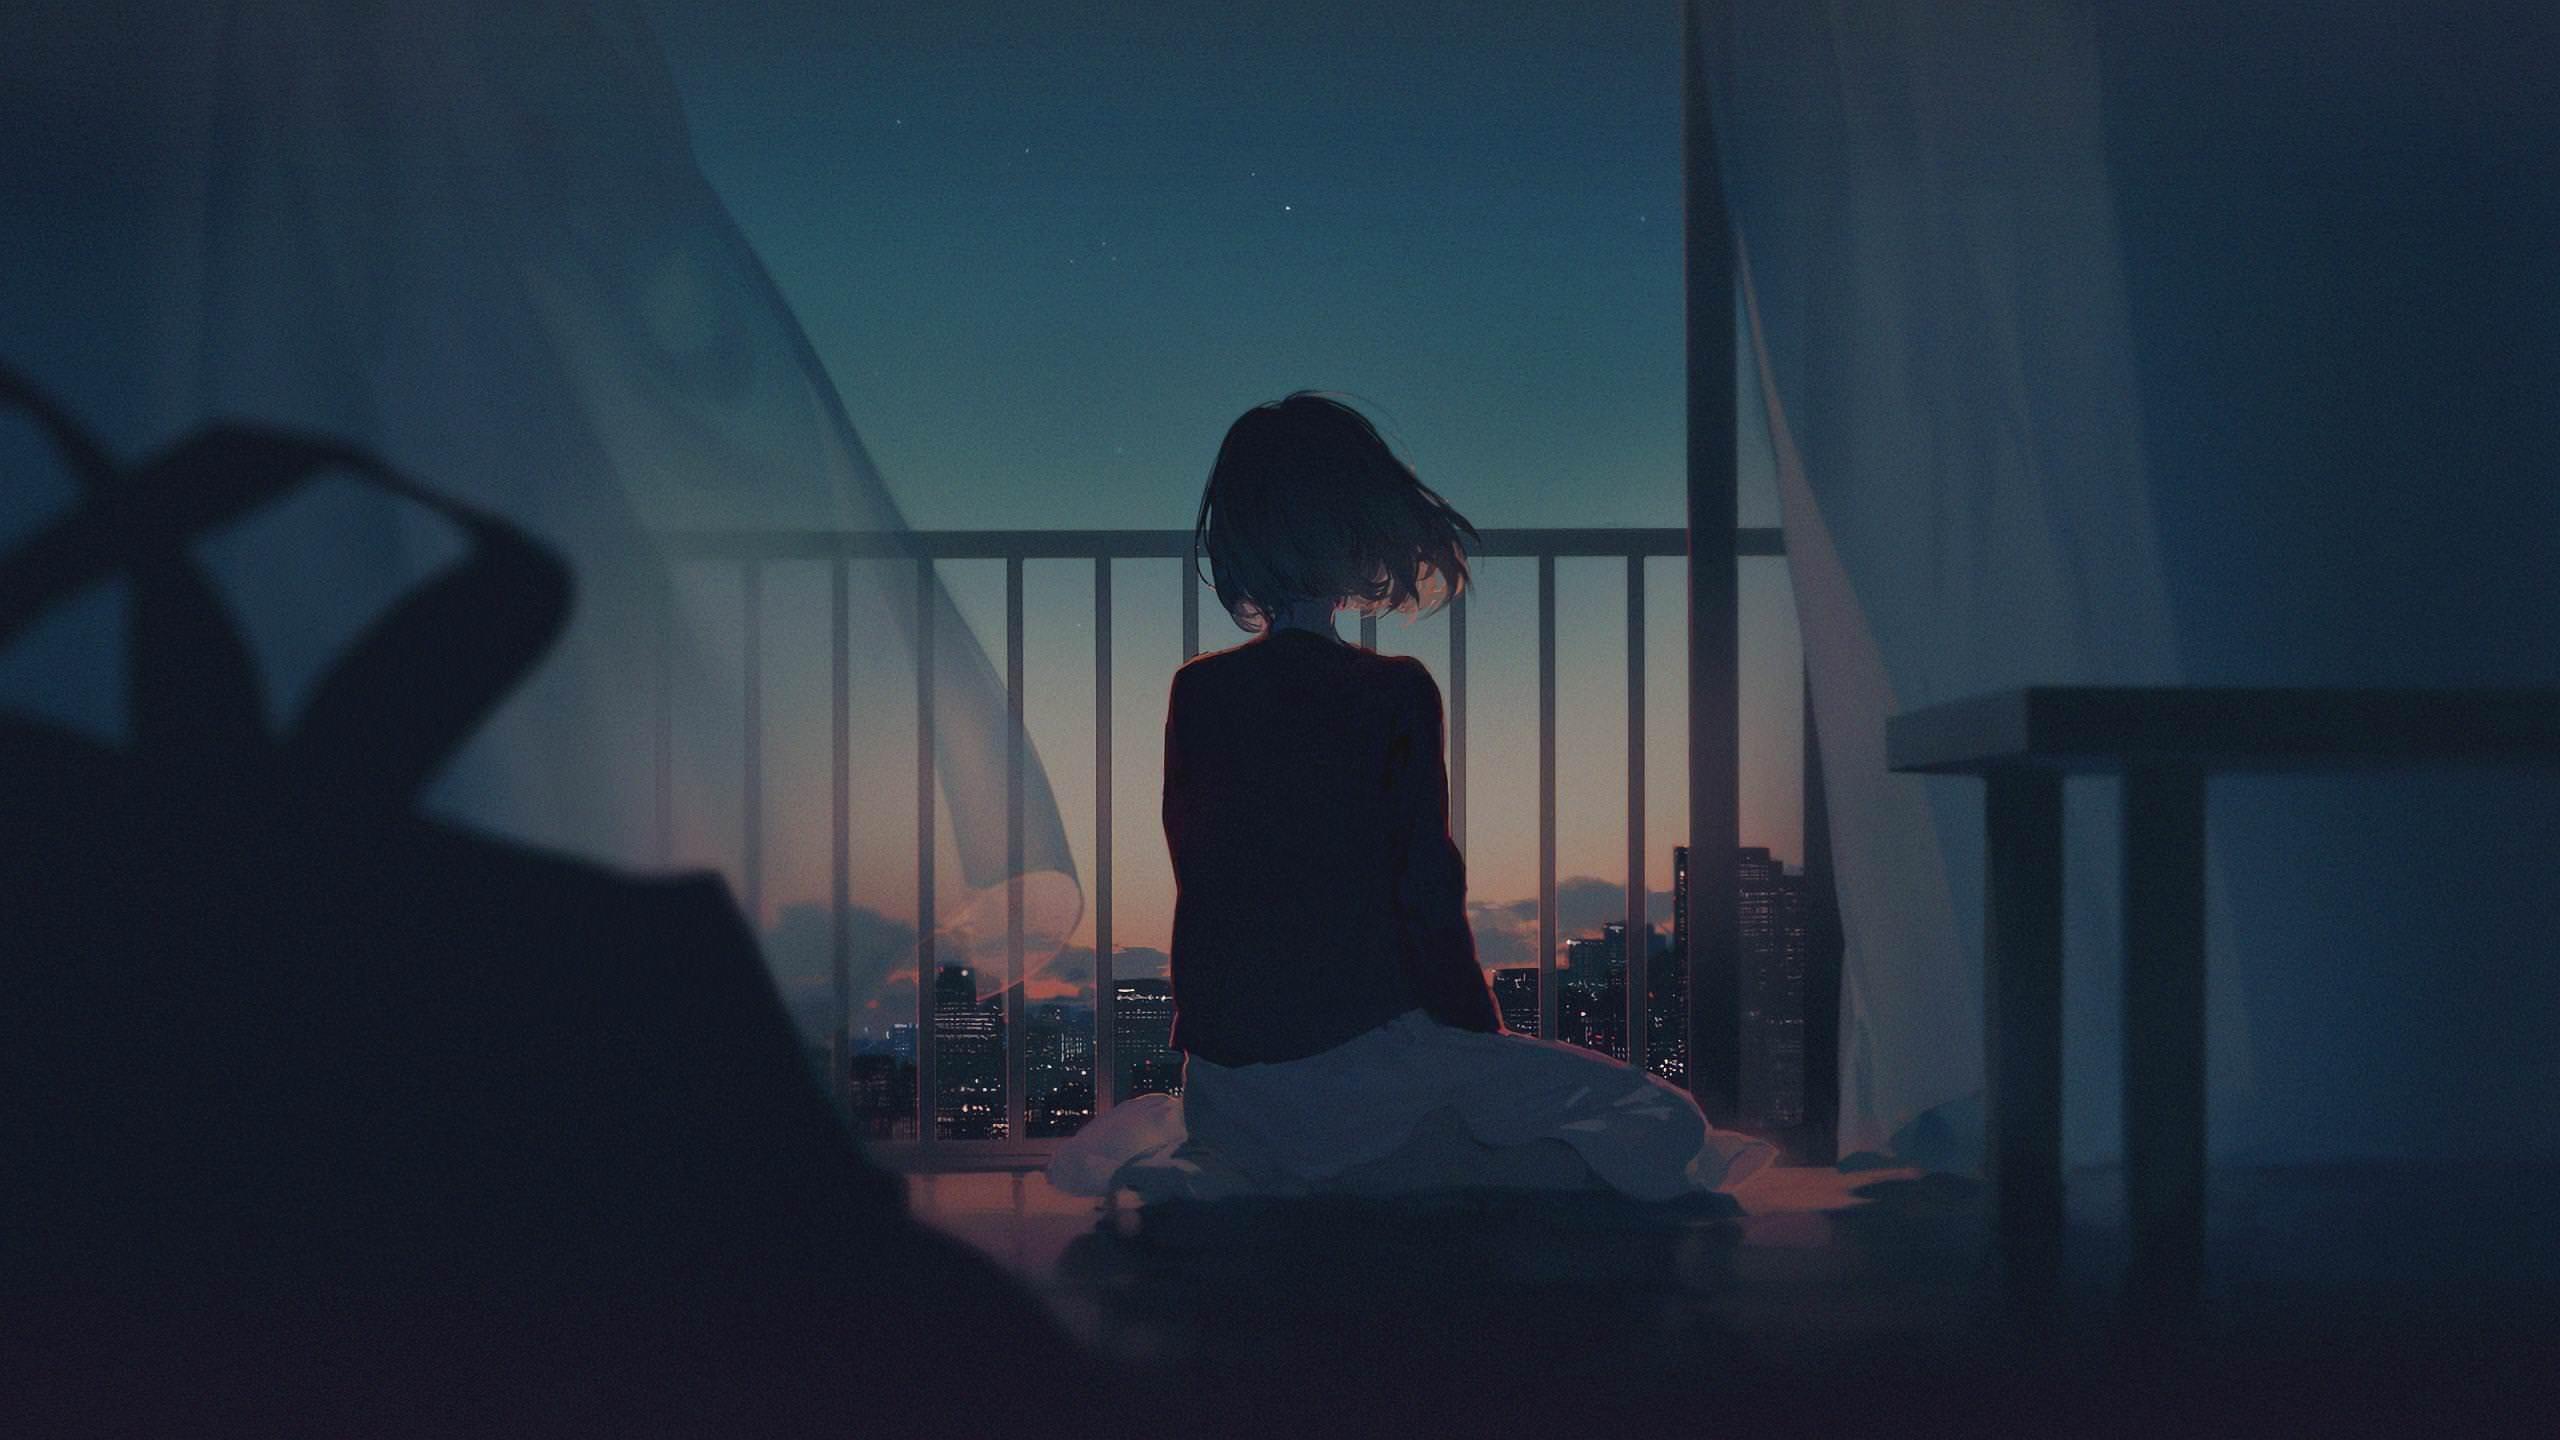 Hình ảnh Anime một mình cô đơn